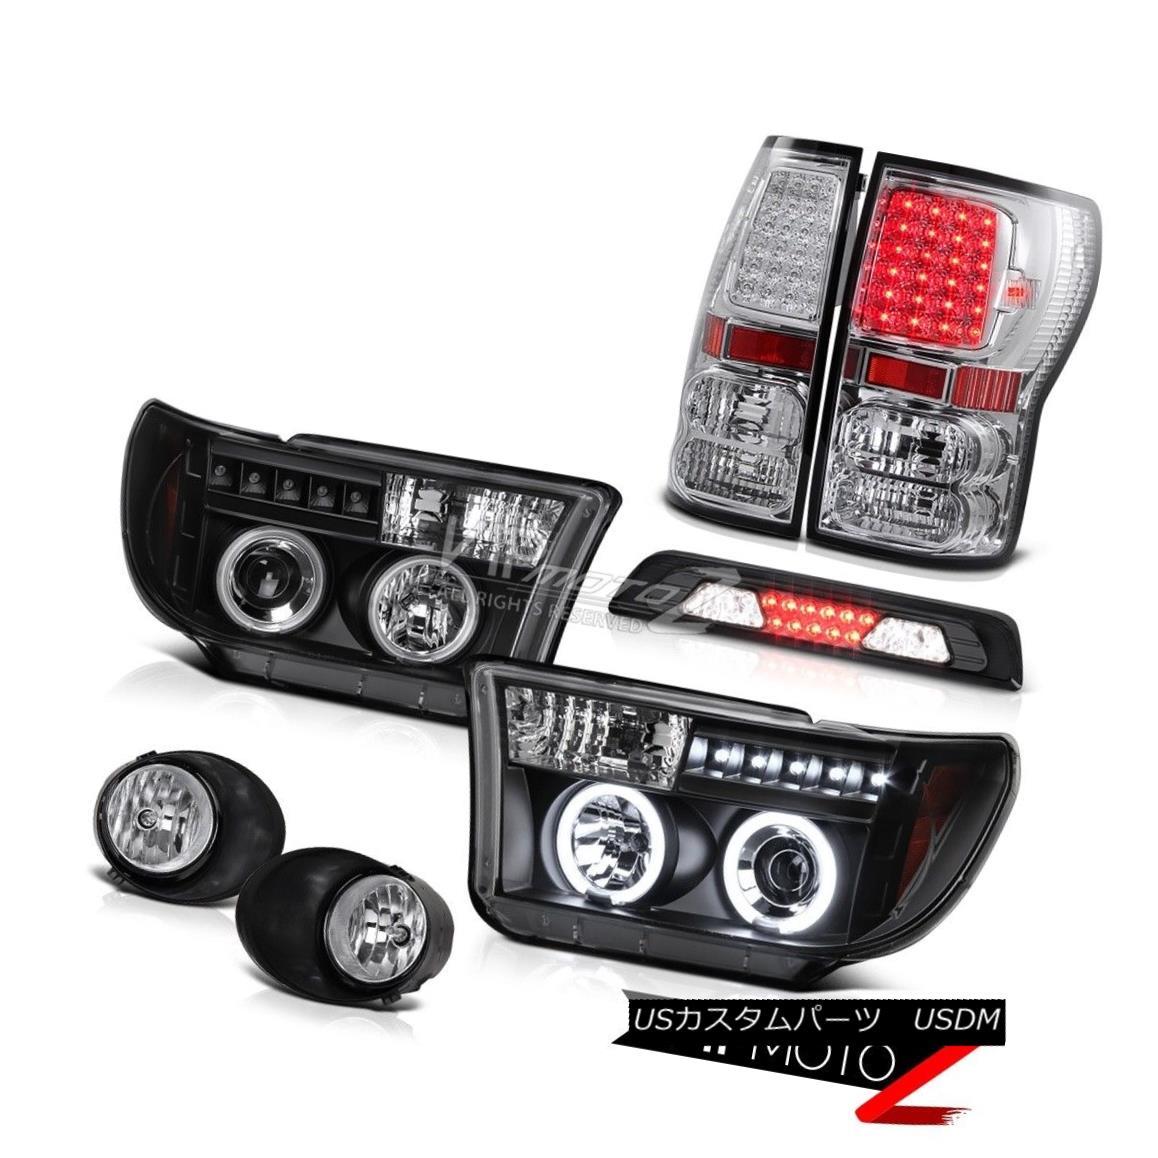 テールライト 07-13 Toyota Tundra Limited Fog Lamps High Stop Lamp Tail Brake Lights Headlamps 07-13 Toyota Tundra Limitedフォグランプハイストップランプテールブレーキライトヘッドランプ